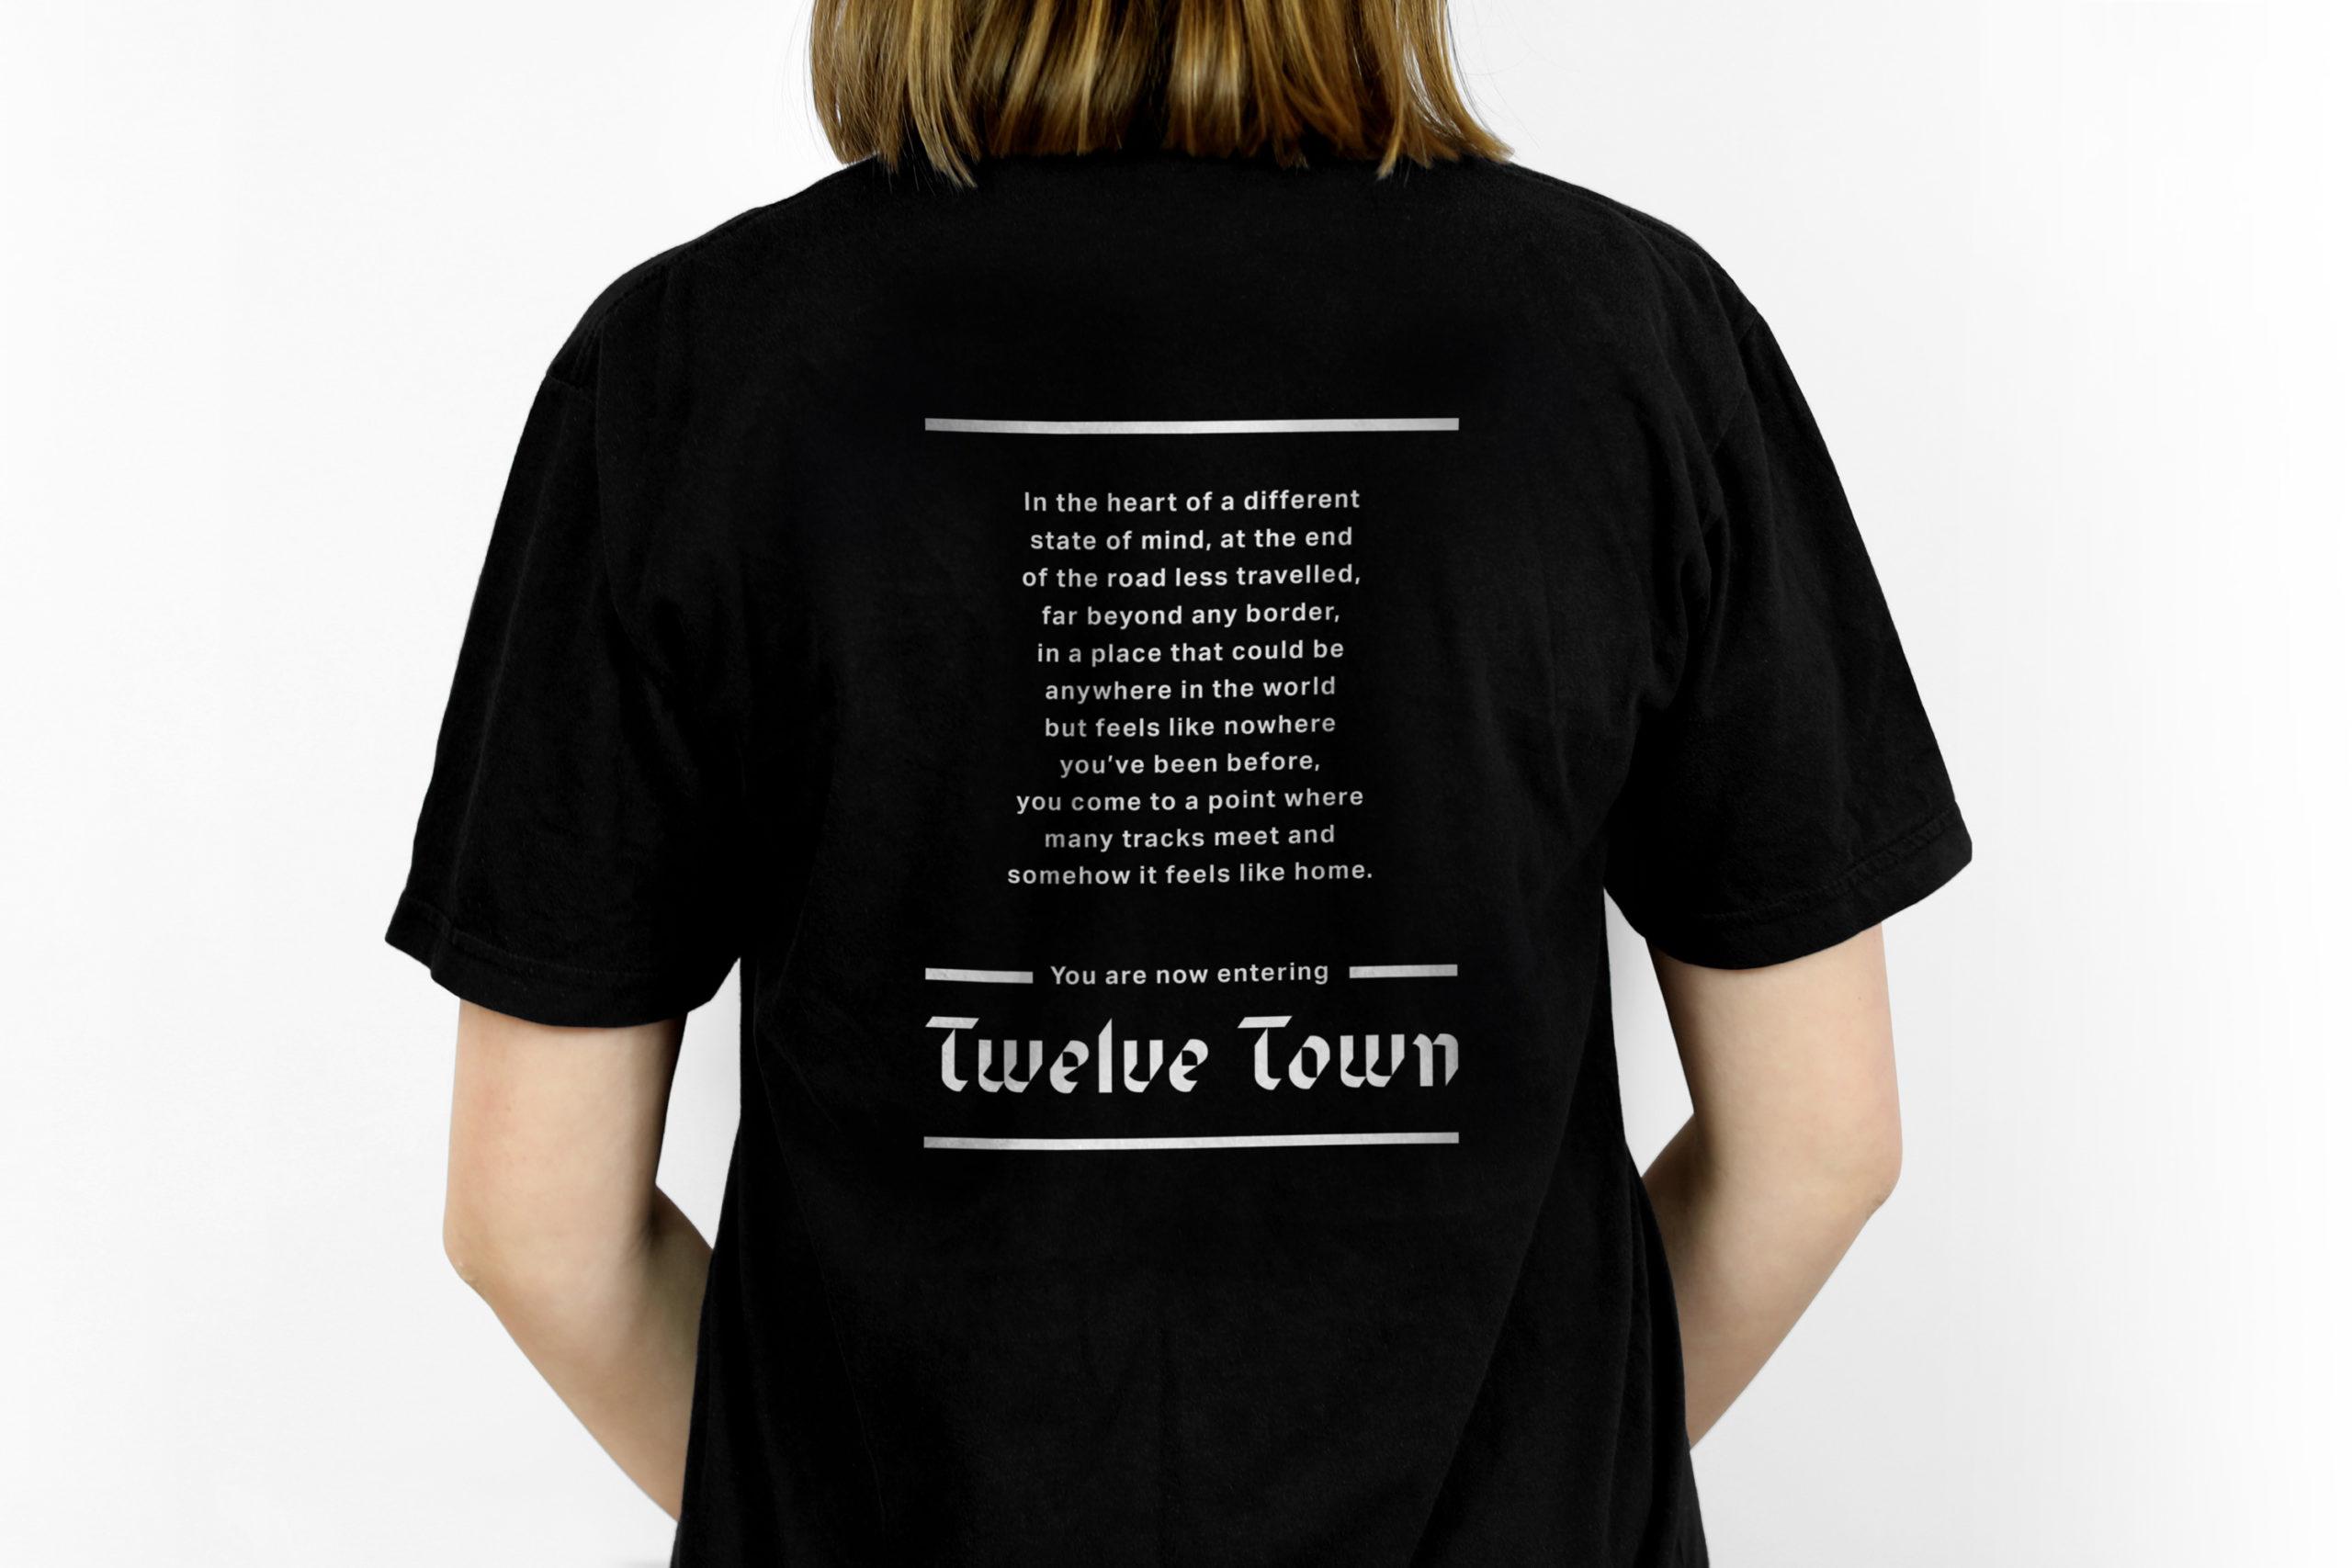 TT_Tshirt_V2